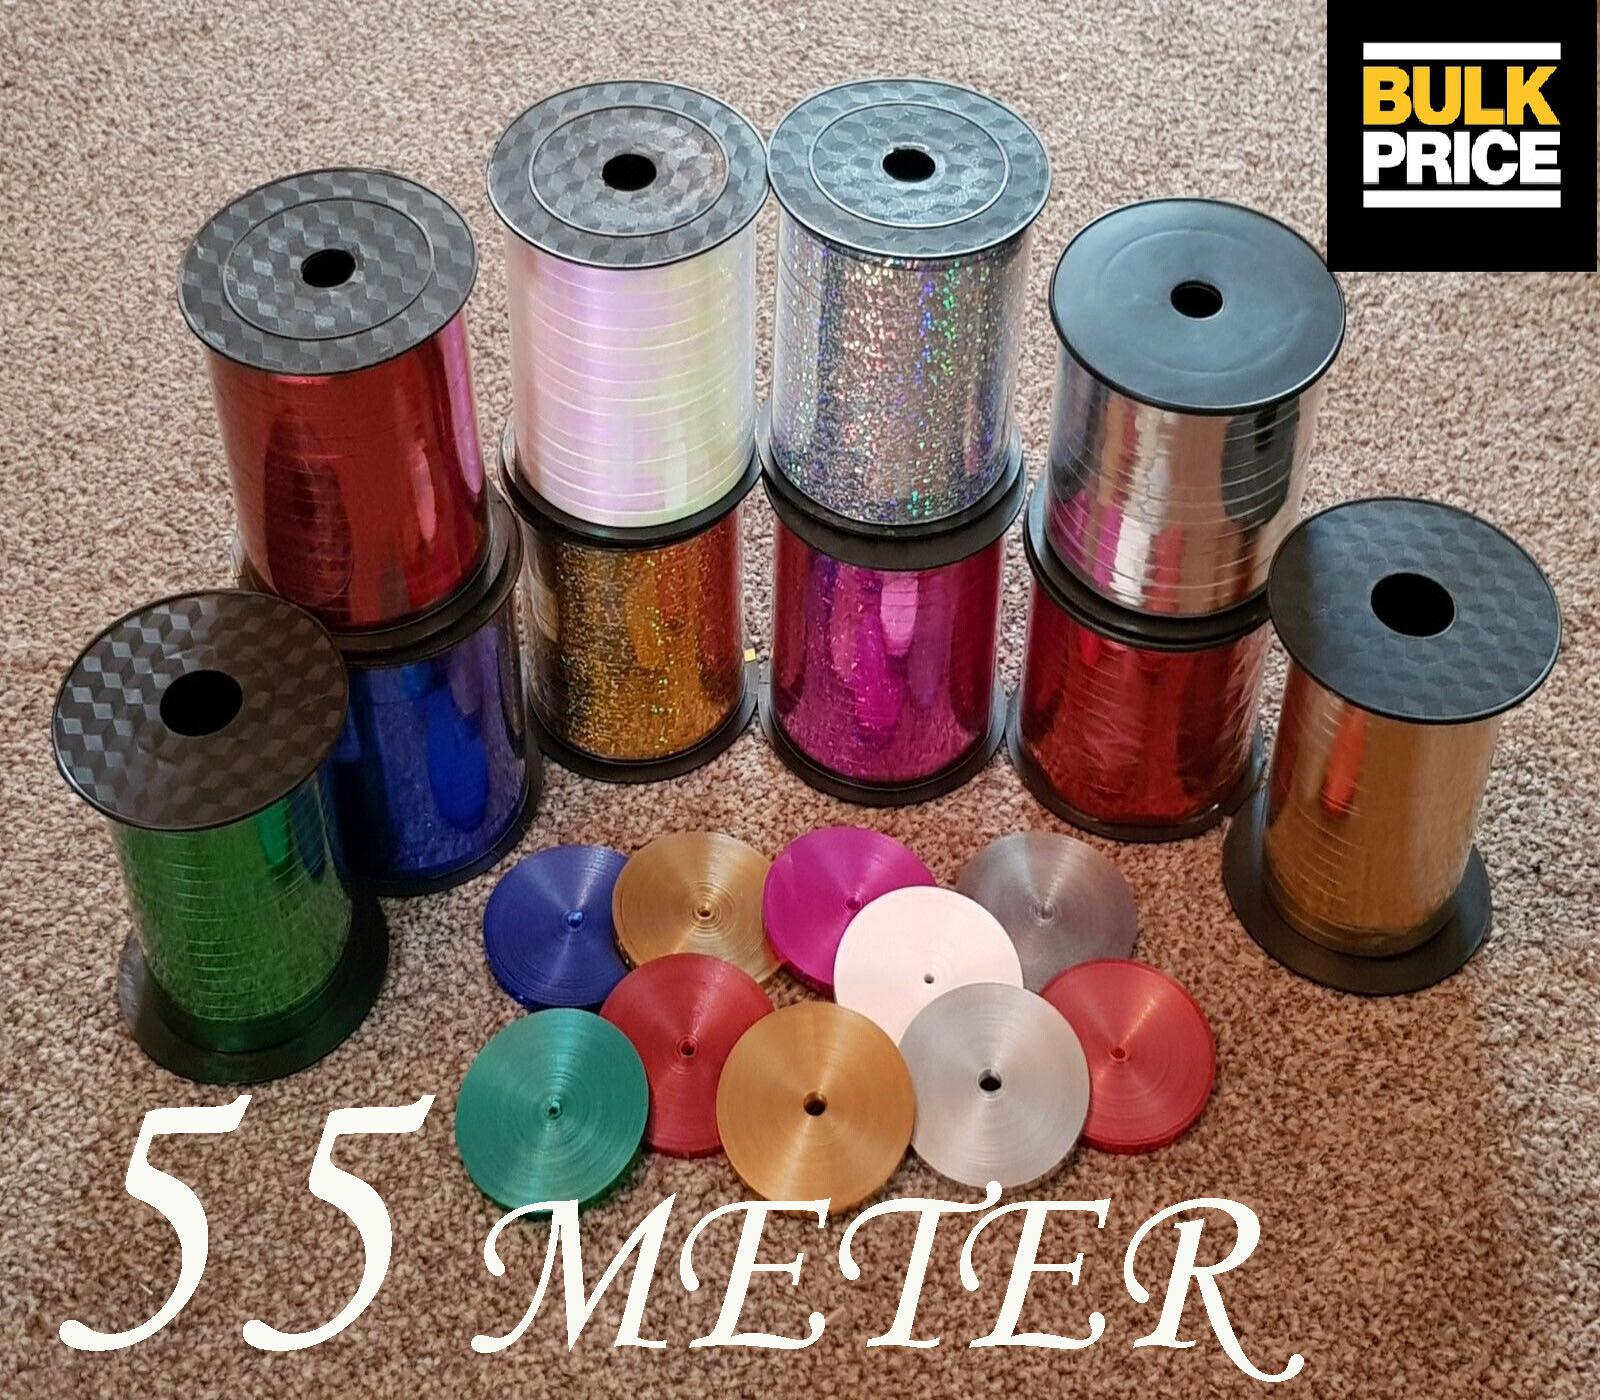 METALLIC CURLING RIBBON - ALL FarbeS - PRE-CUT IN 55 MTR x 5 MM  OR 500 MTR ROLL